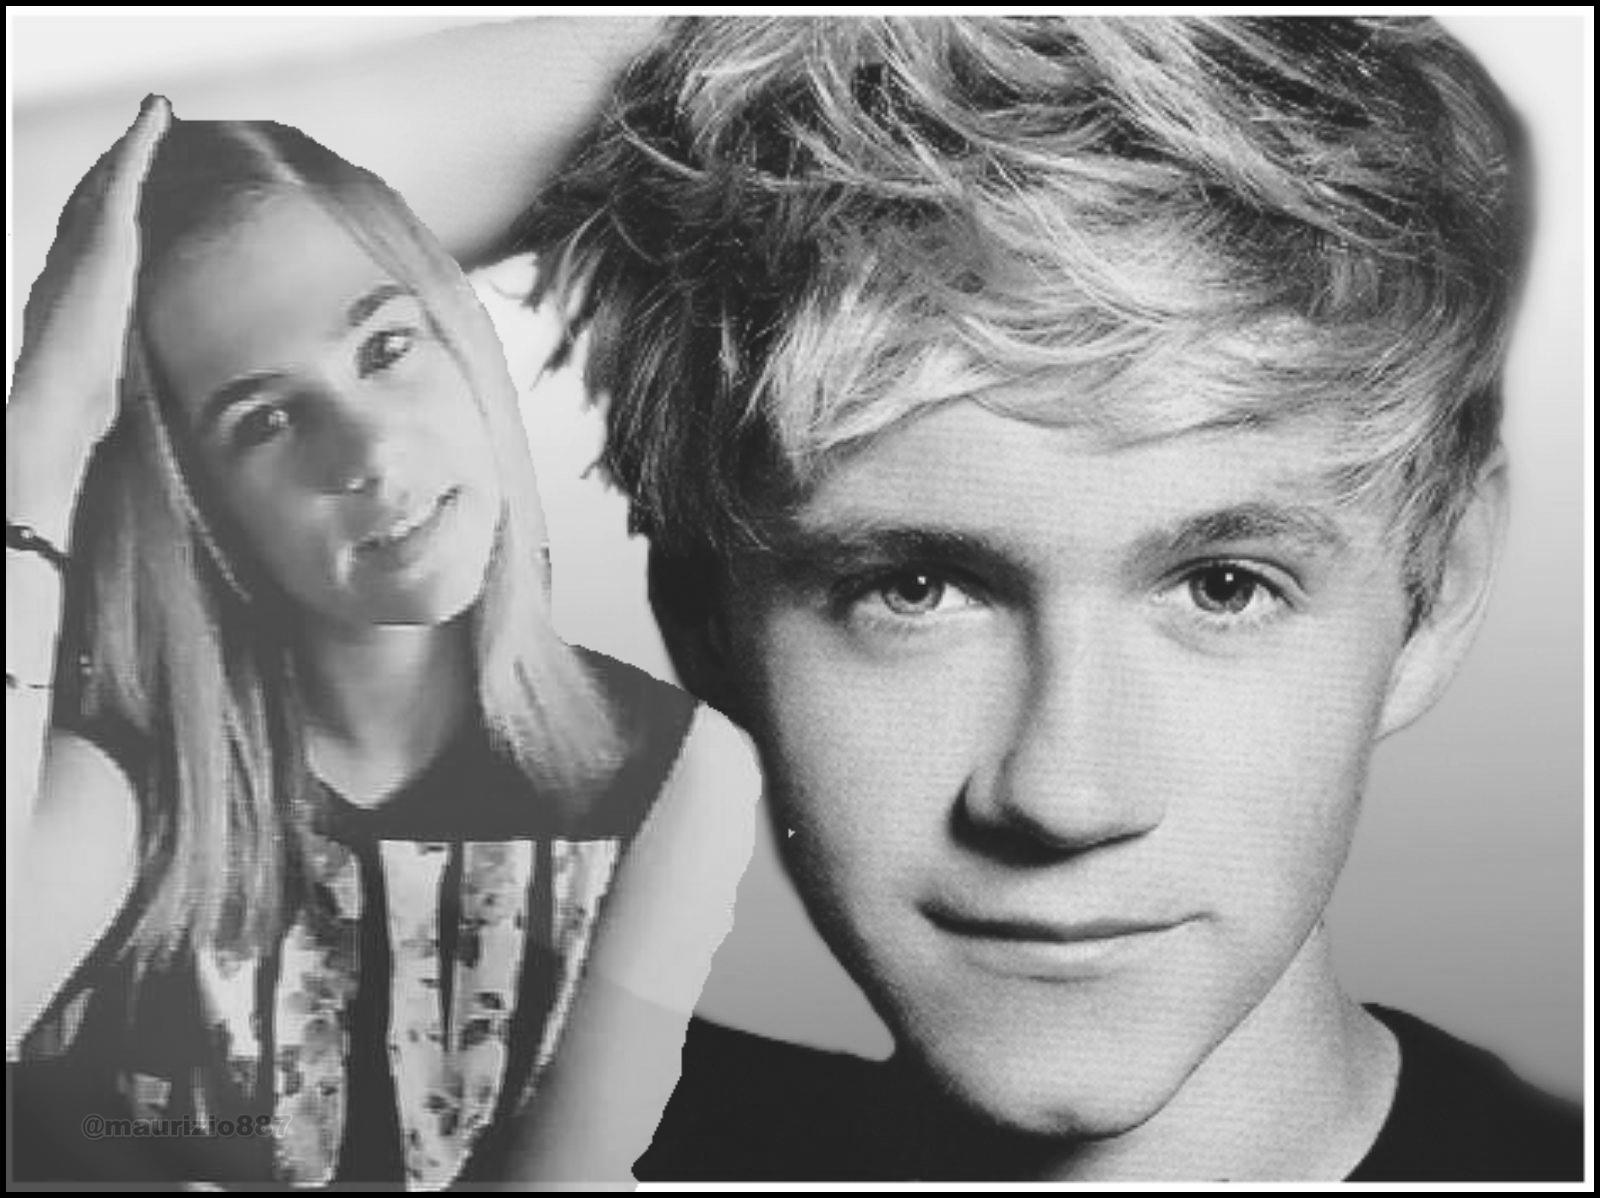 Morgane et Niall